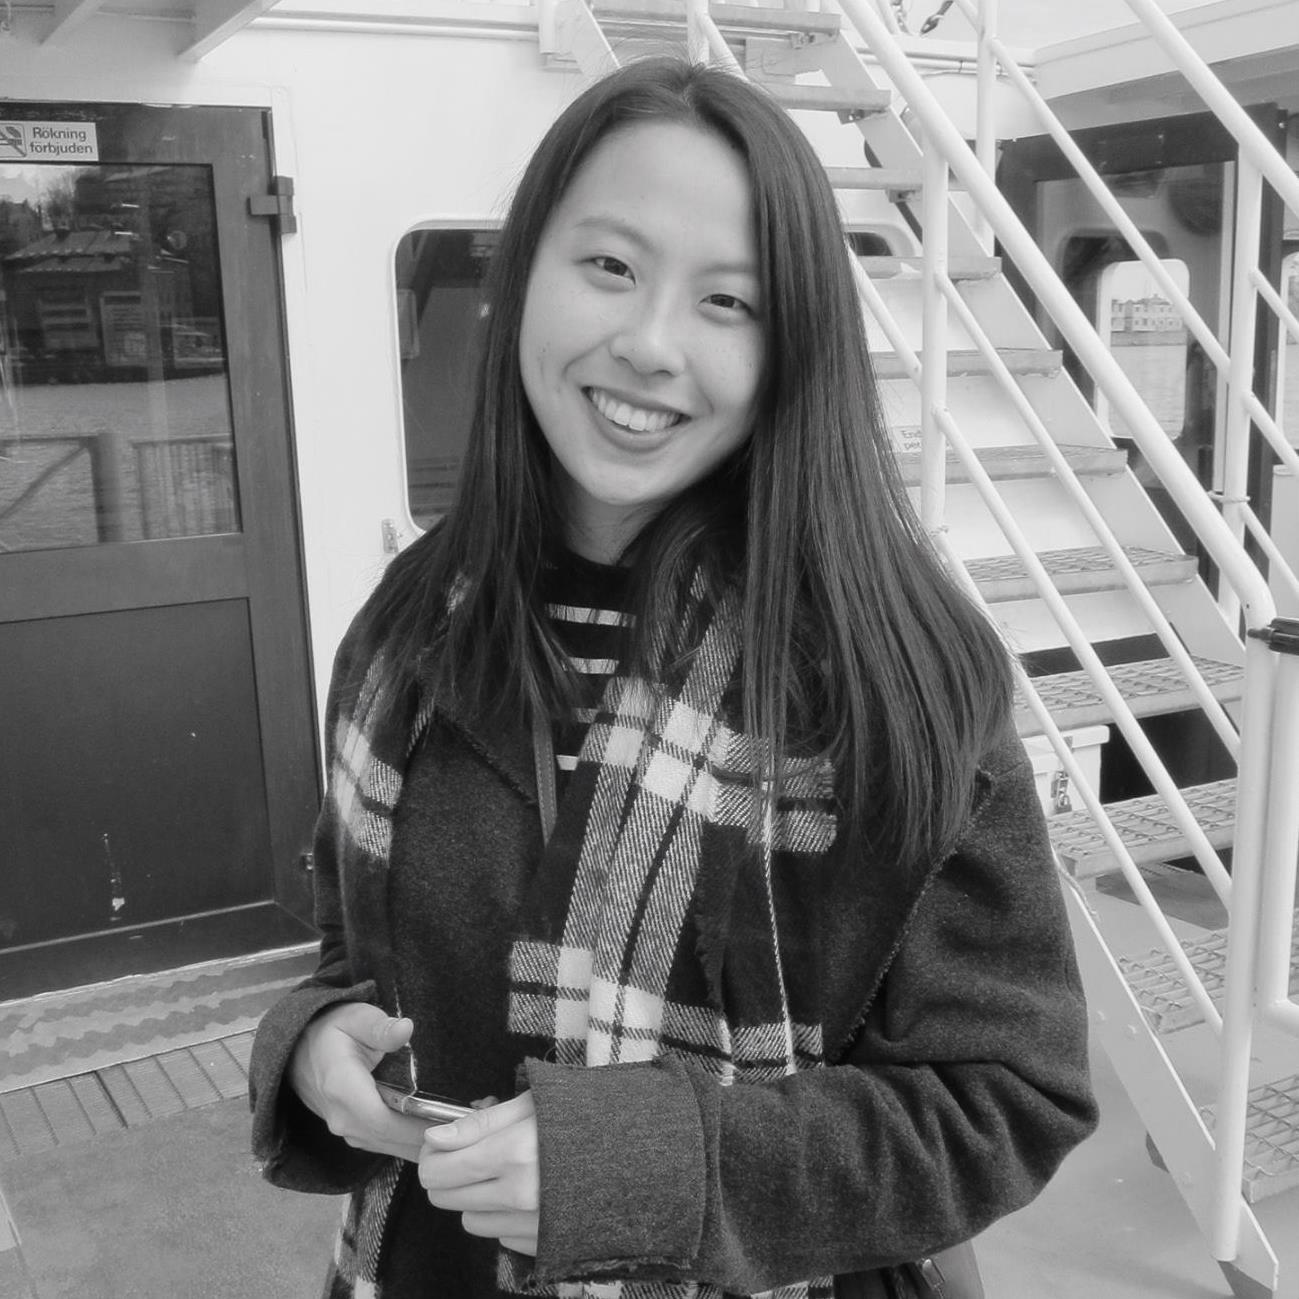 Jiang老师,皇家艺术学院面料设计硕士